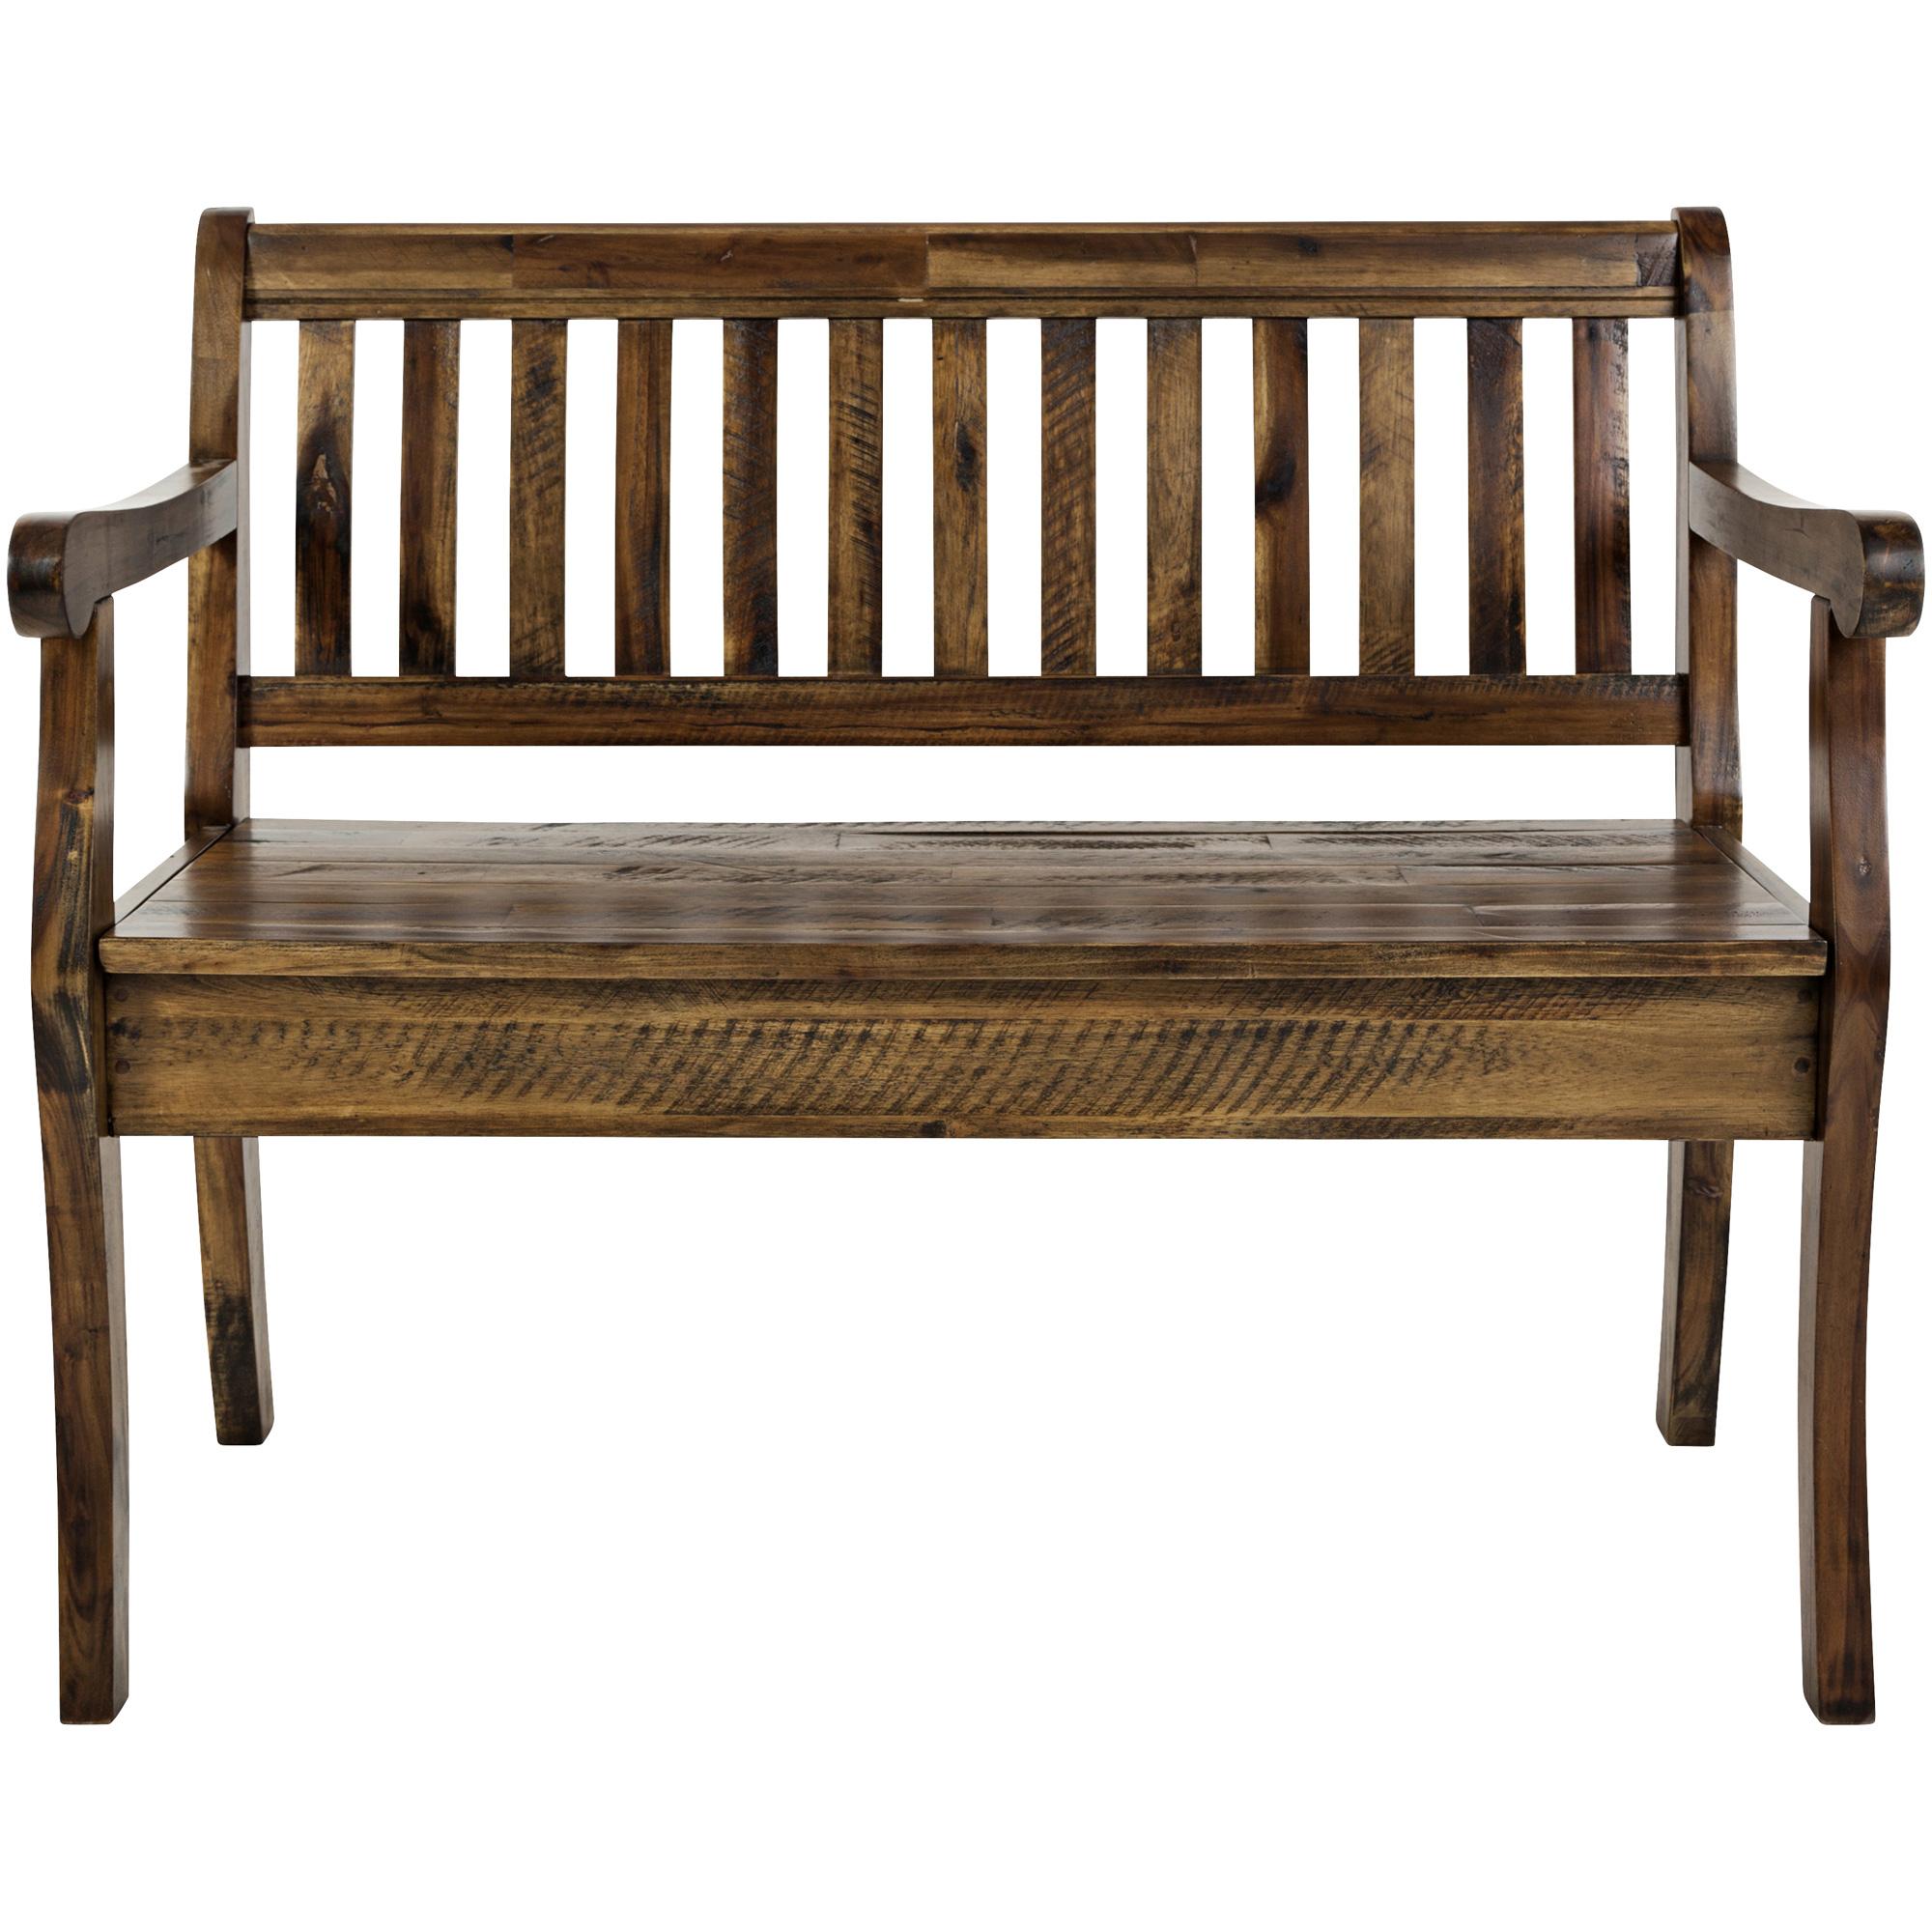 Jofran | Artisans Craft Brown Storage Bench Chair